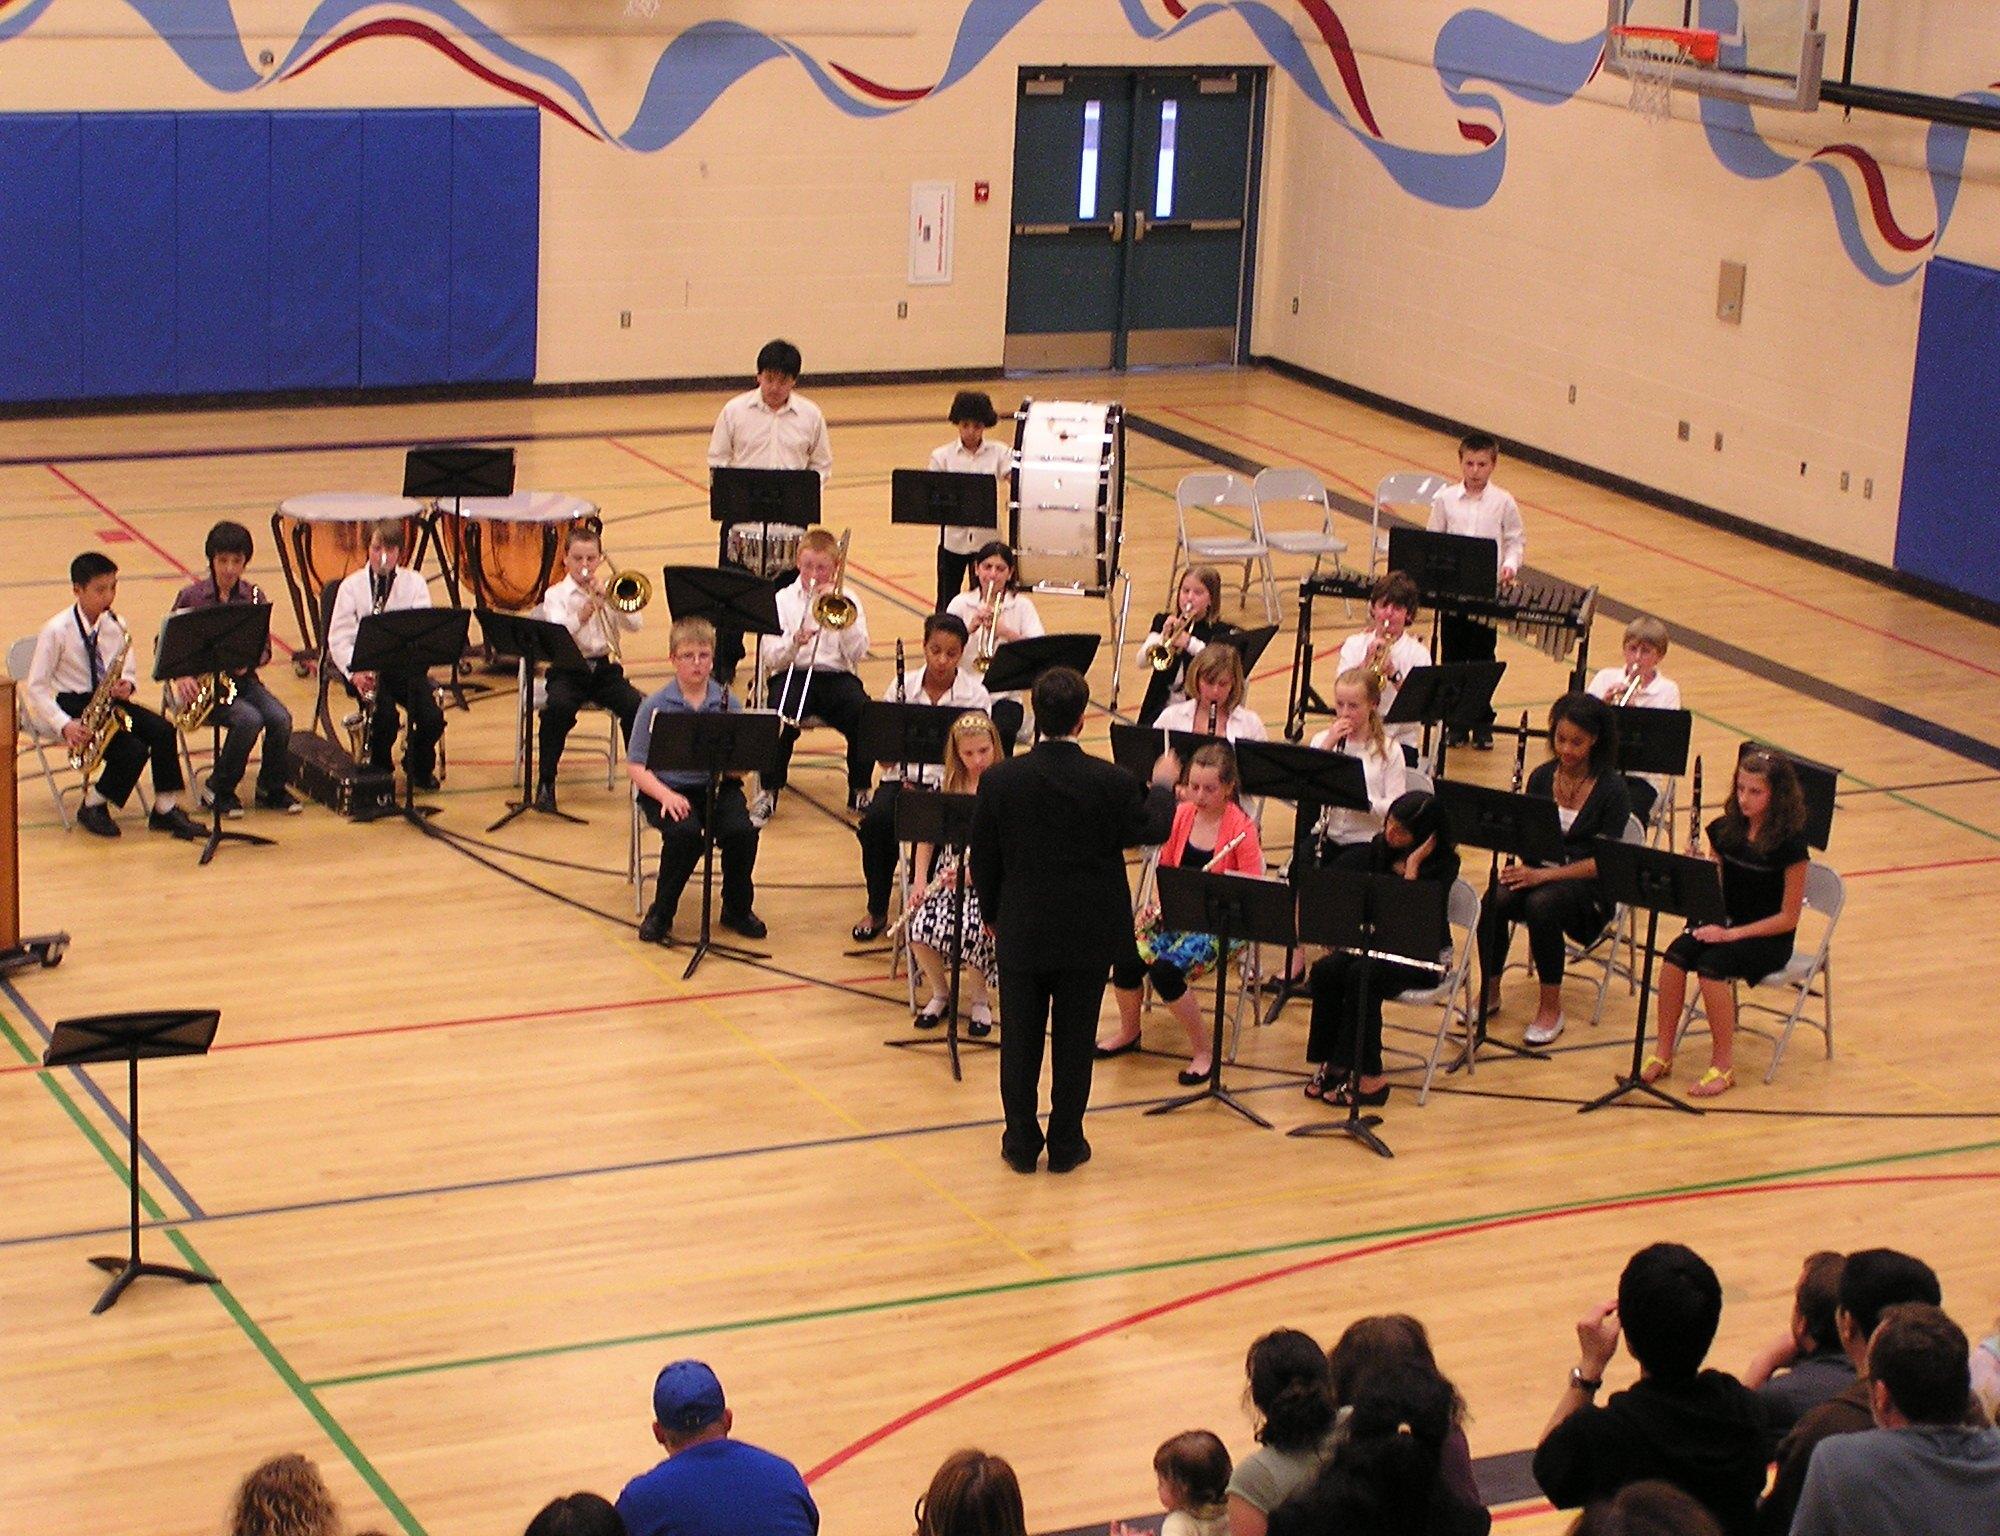 Elementary School Spring Band Concert in Bothell « Glenn's ...